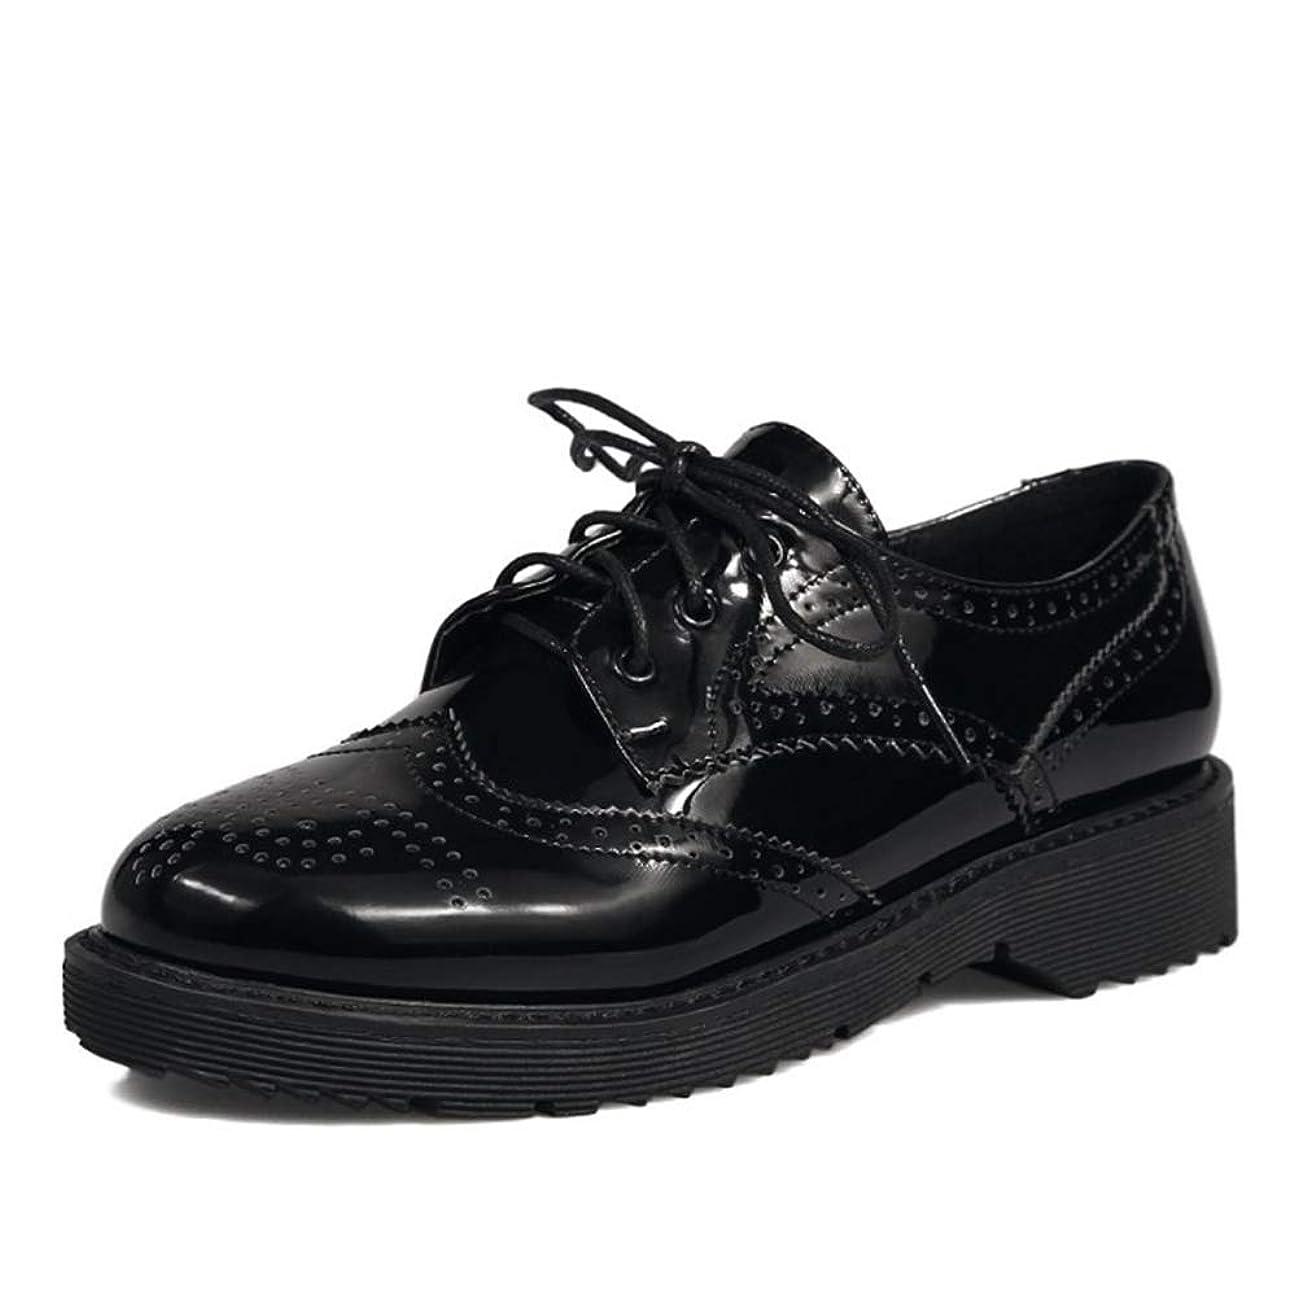 頬好み膜[THLD] オックスフォードシューズ レディース ウィングチップ フラットシューズ おじ靴 厚底 22cm ~ 26.5cm 歩きやすい エナメル 婦人靴 黒 ブラック レッド 赤 3ボール パンチング ローヒール 3.5cm 紐靴 通勤 通学 大きいサイズ